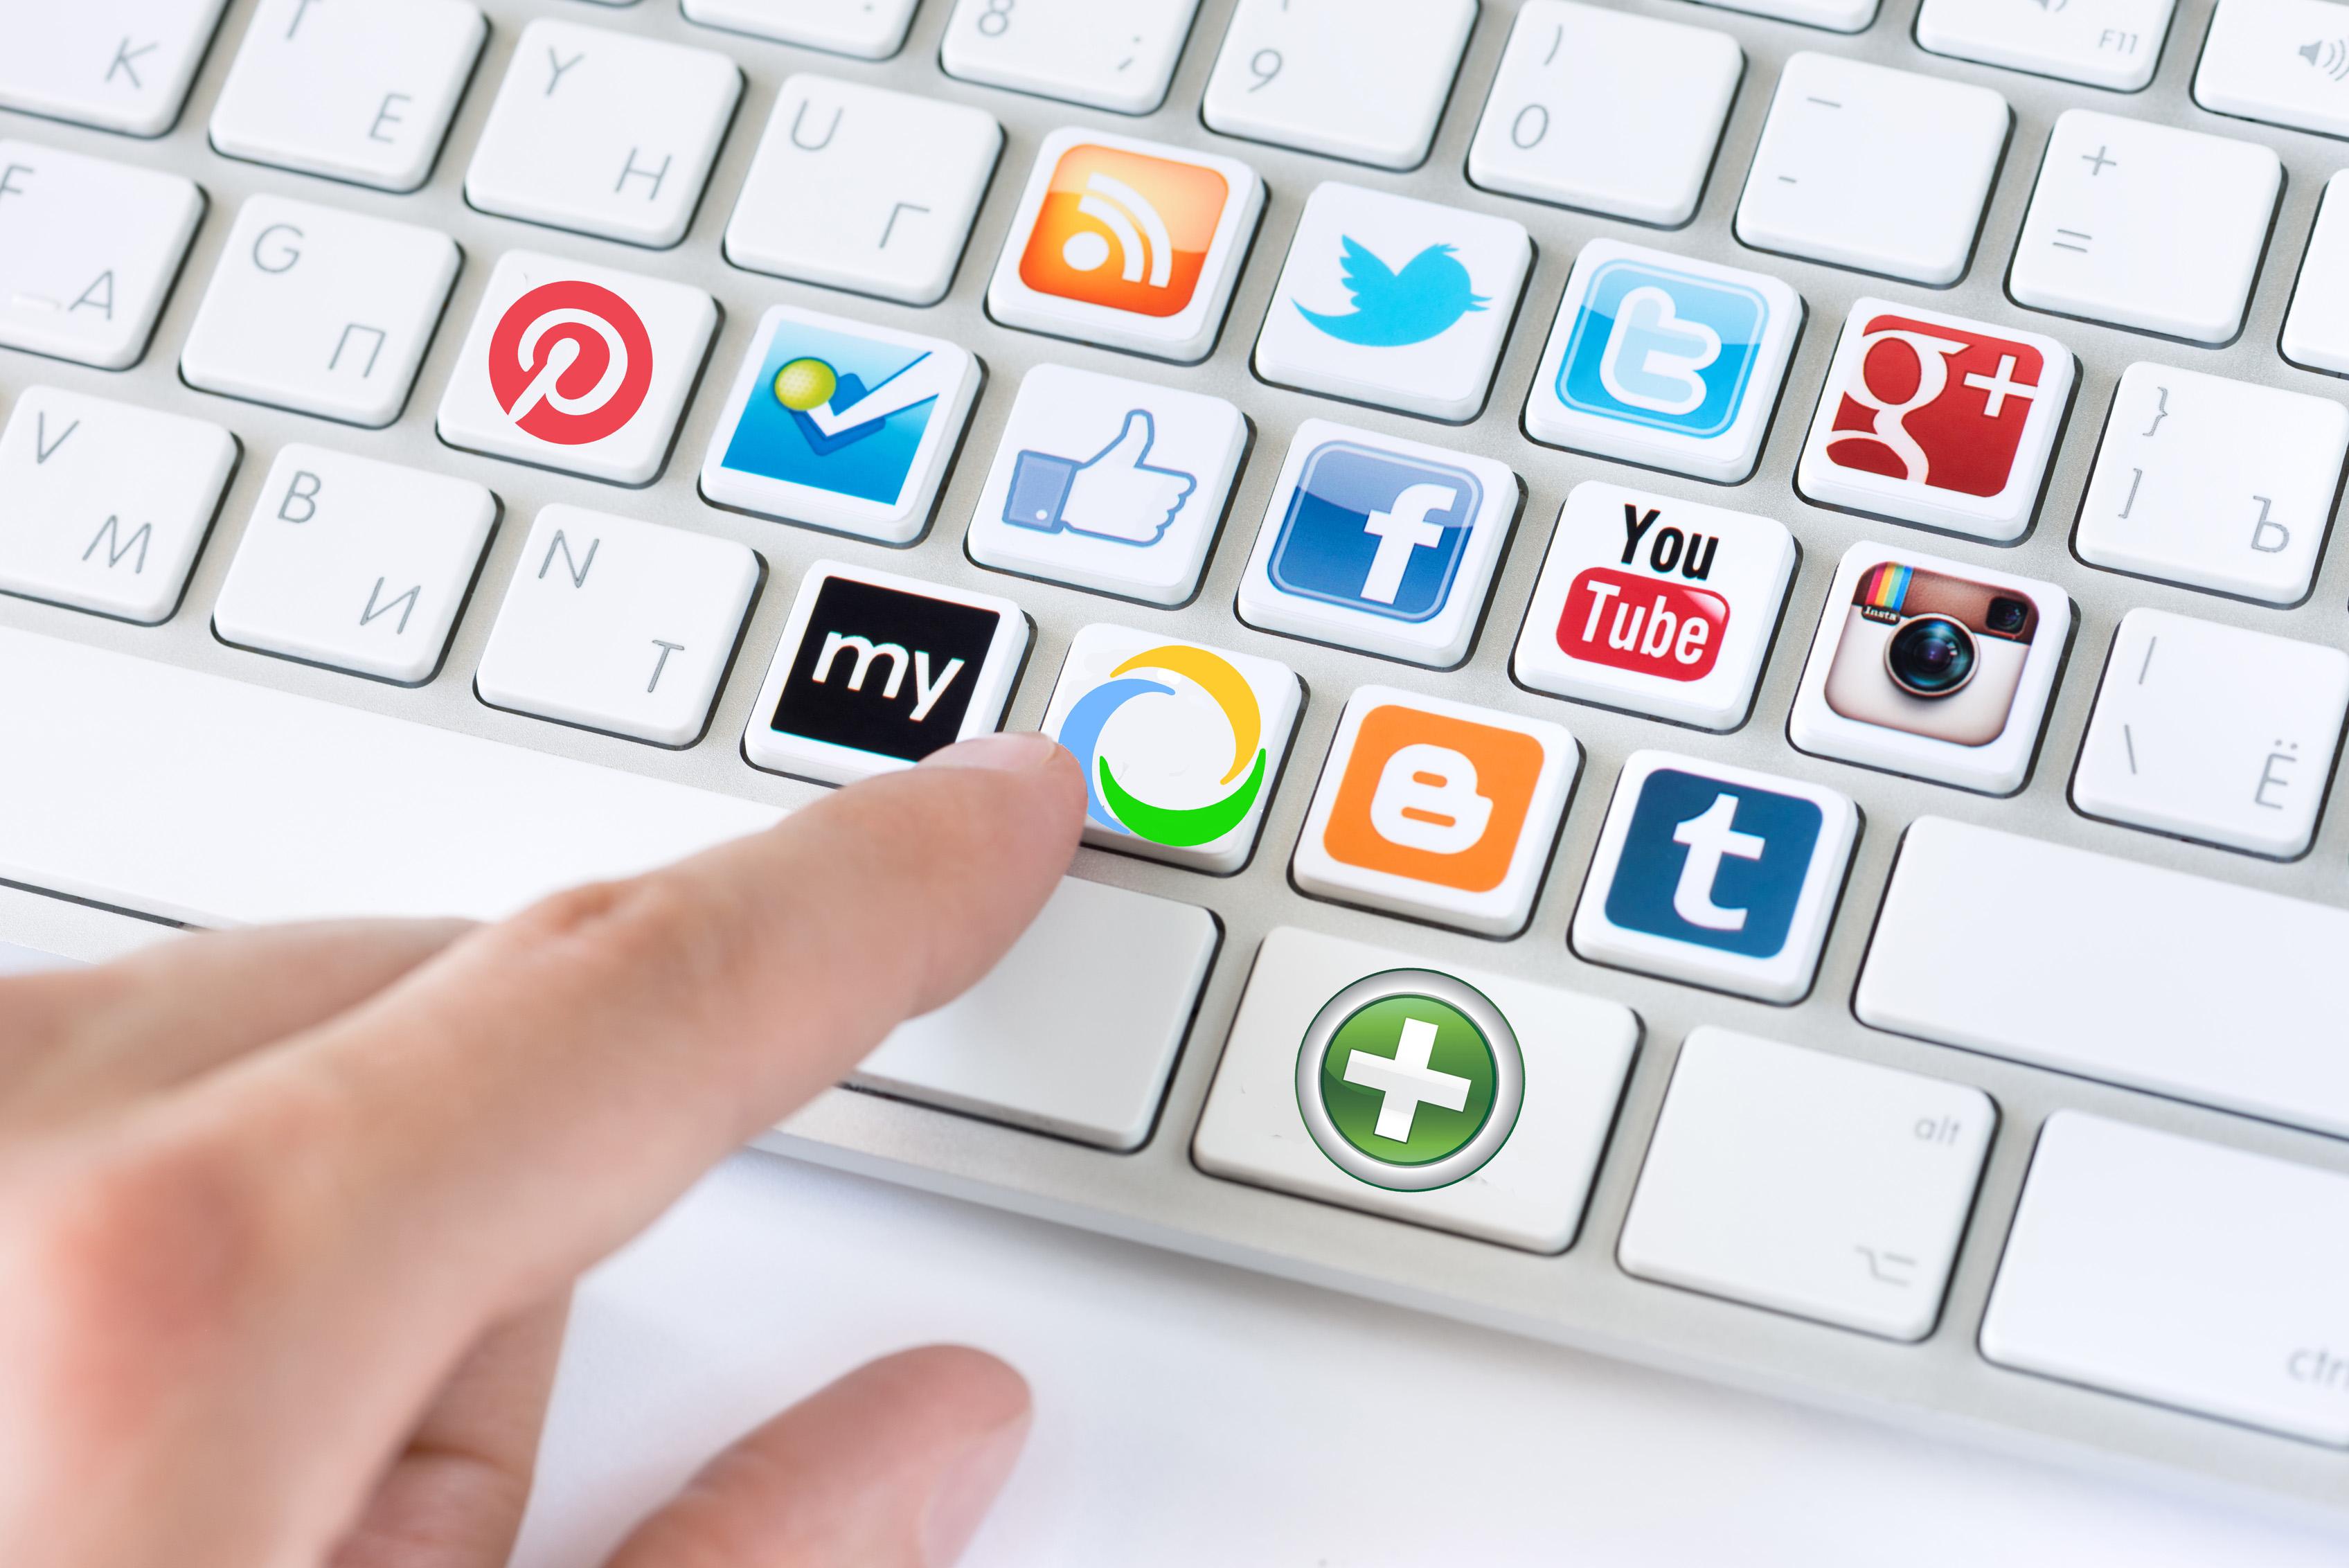 Propuesta de CE sobre derechos de autor podría afectar a las redes sociales